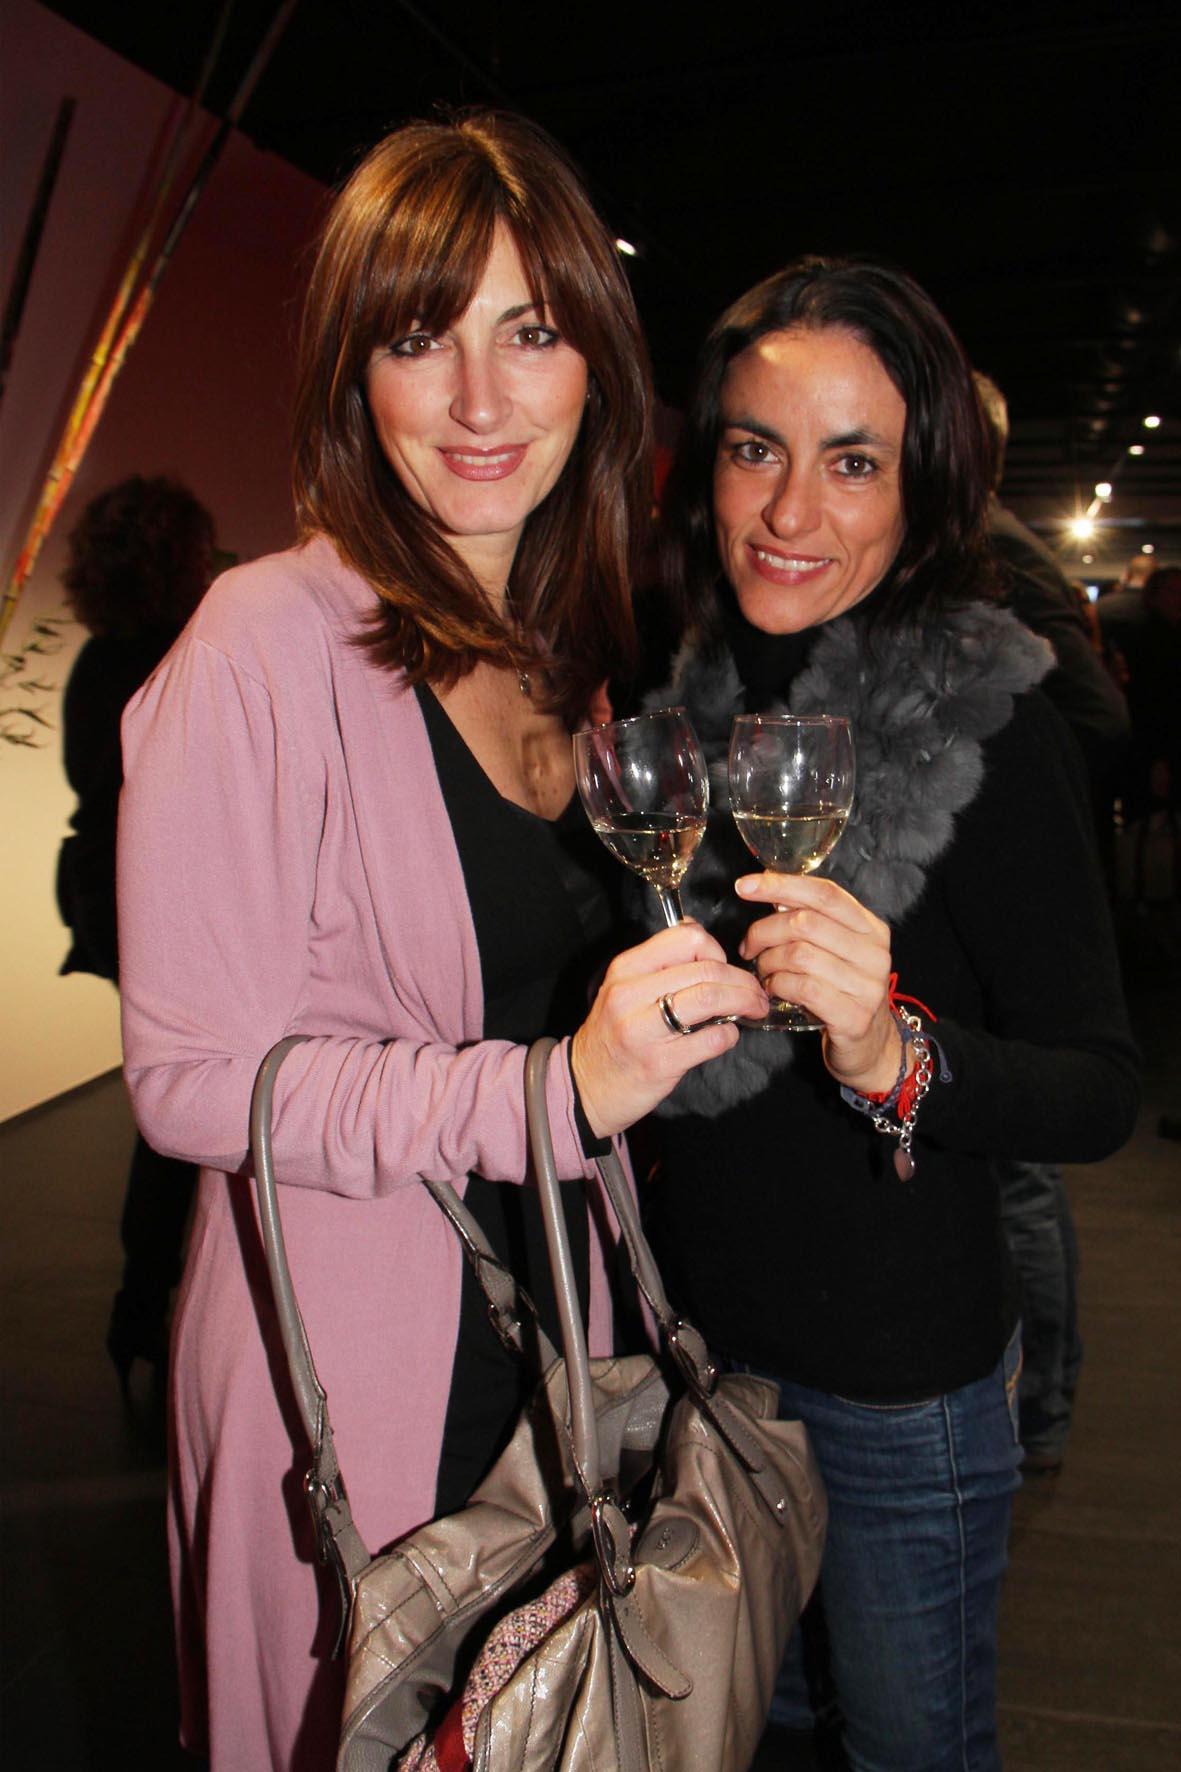 PRESSPHOTO. Firenze, inaugurazione sala da gioco Sisal Wincity. Nella foto Lucia ROmagnoli e Angela D'Eboli Giuseppe Cabras/New Press Photo